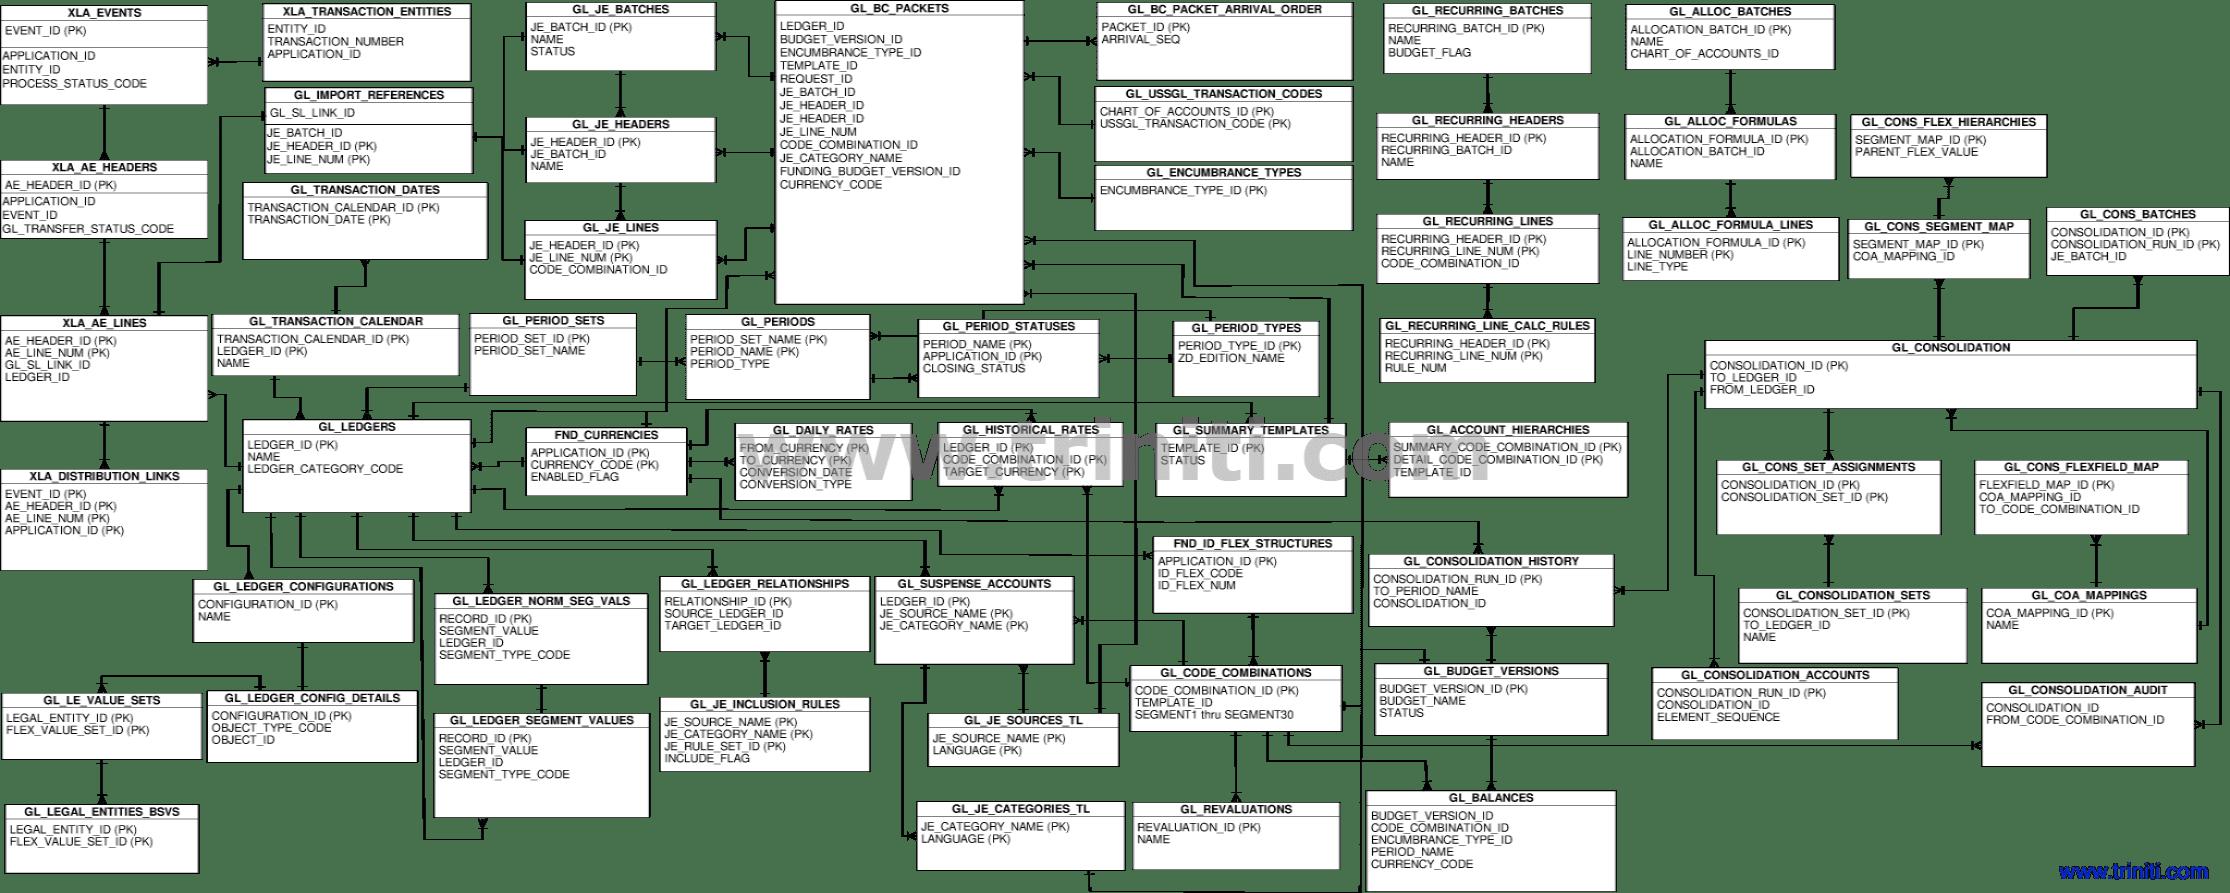 General Ledgers ER Diagram